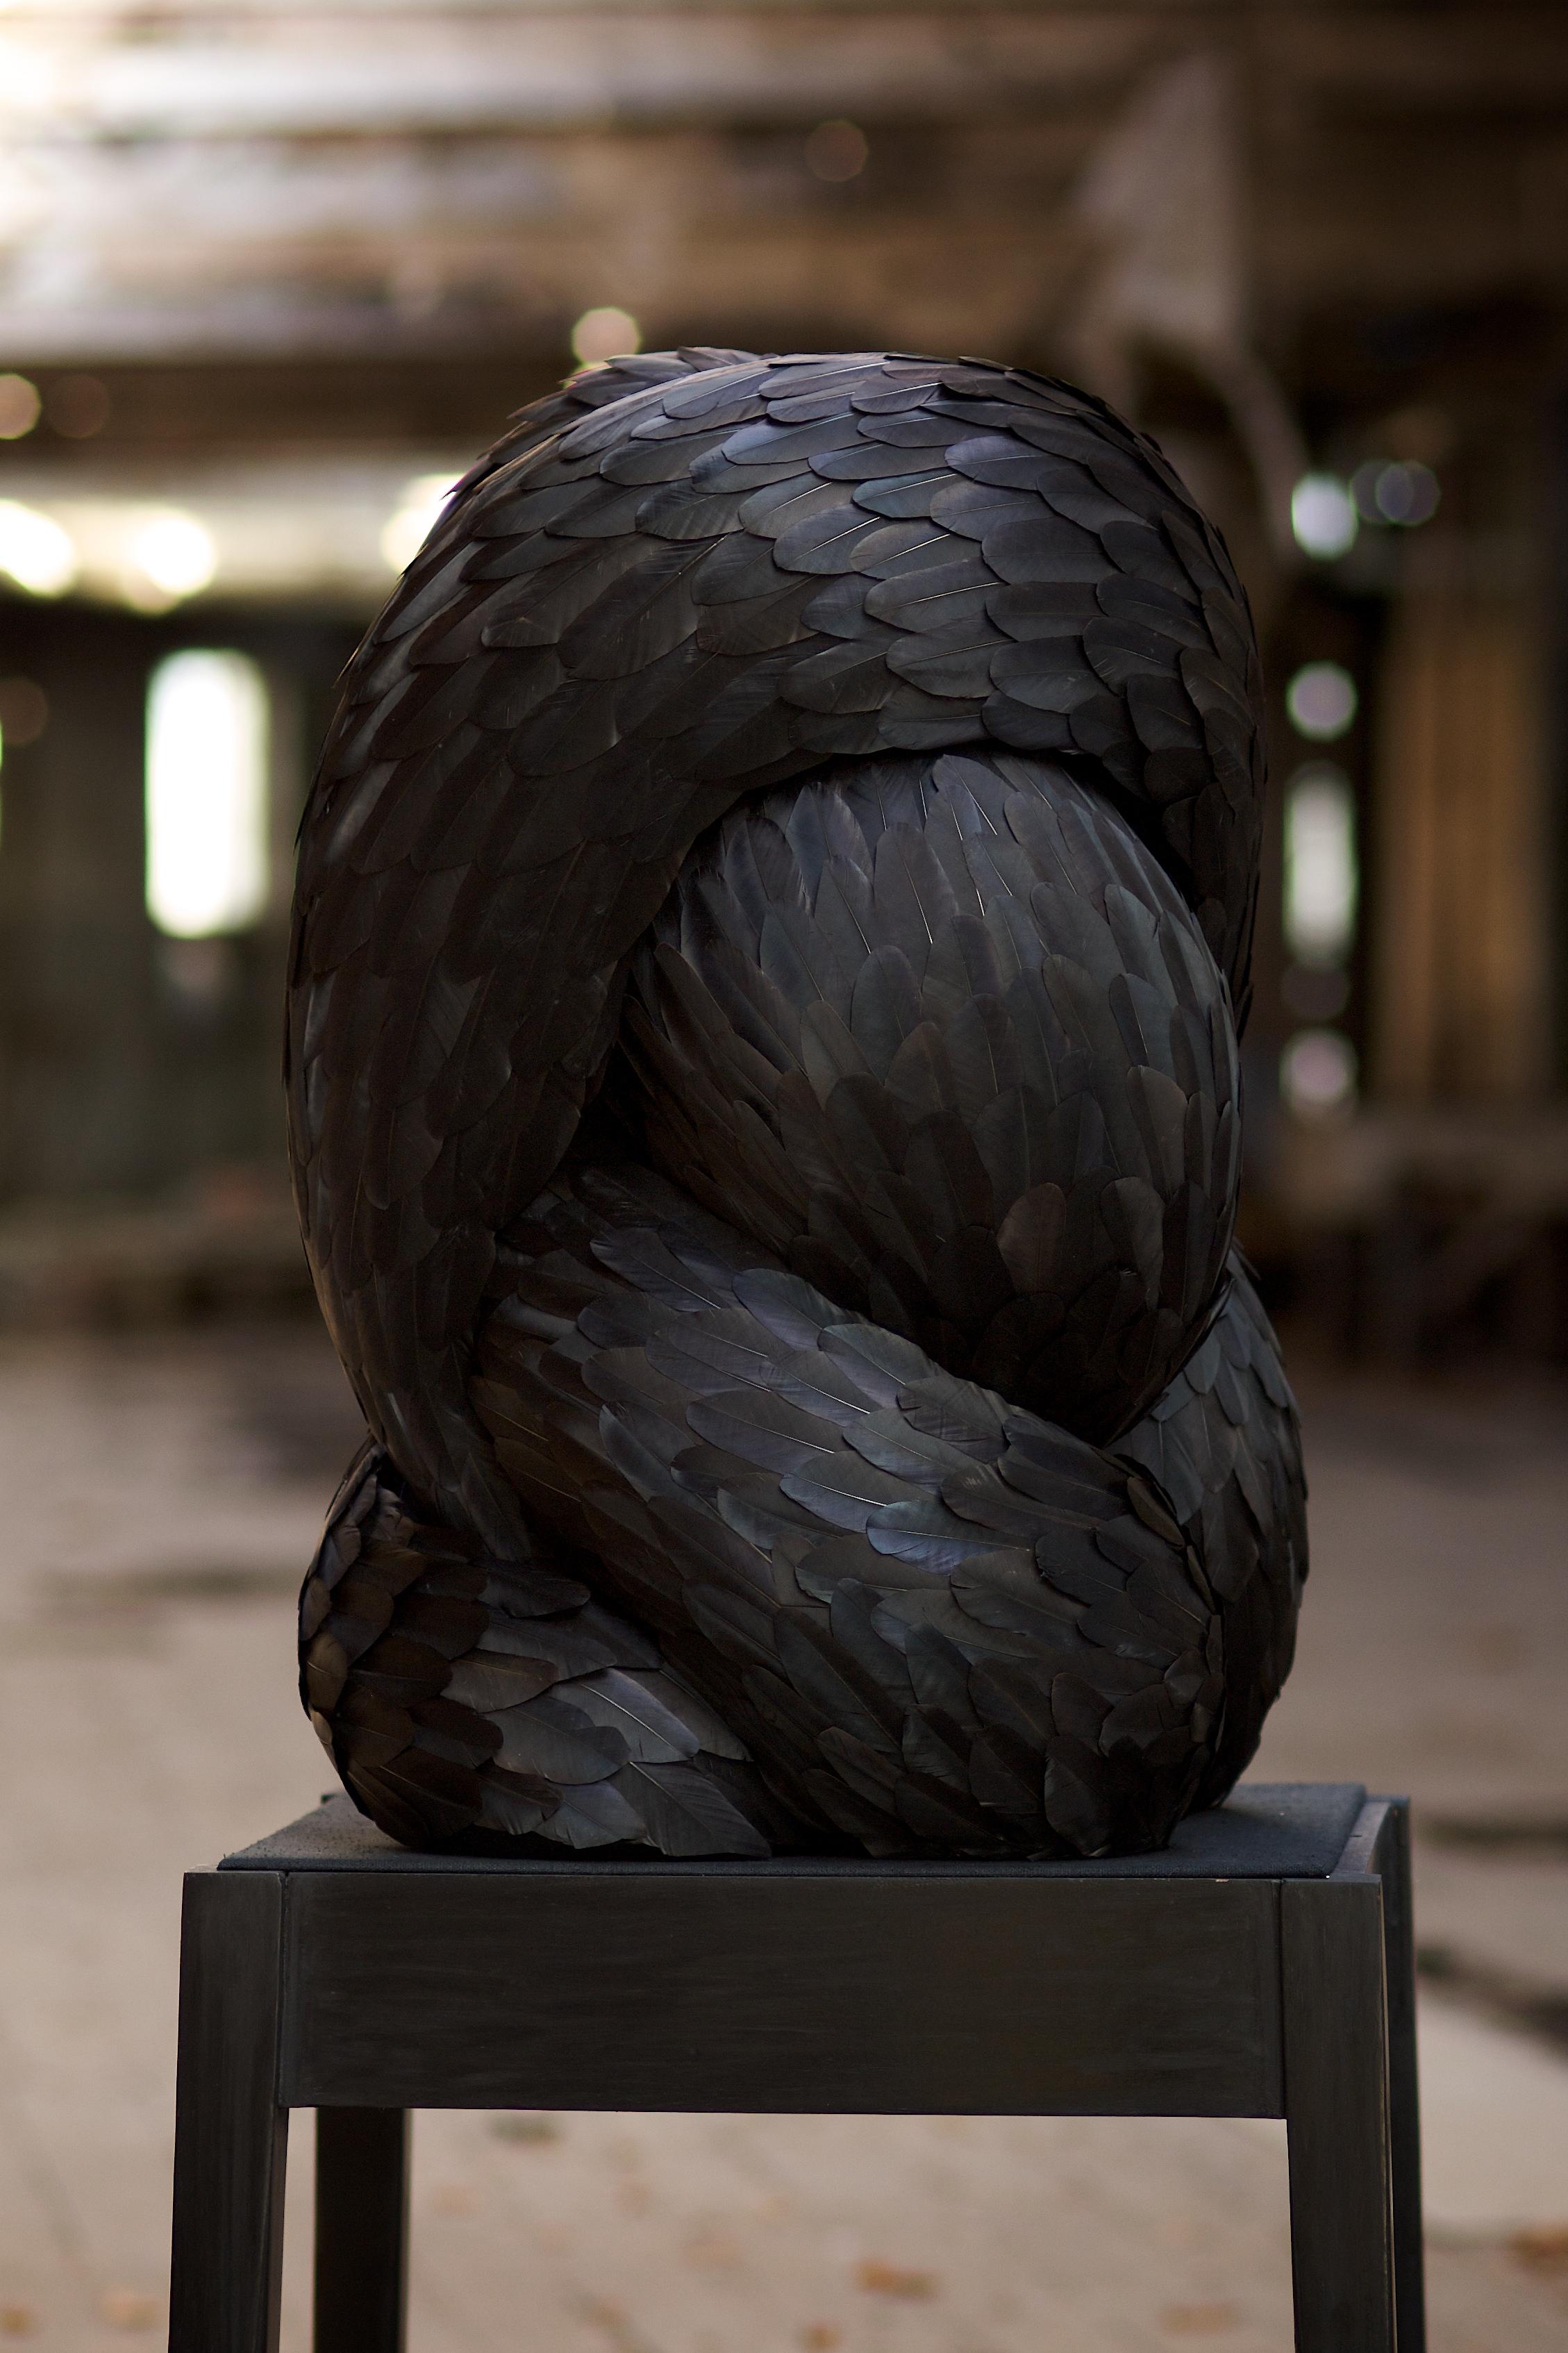 Gag, 2009, Kate MccGwire